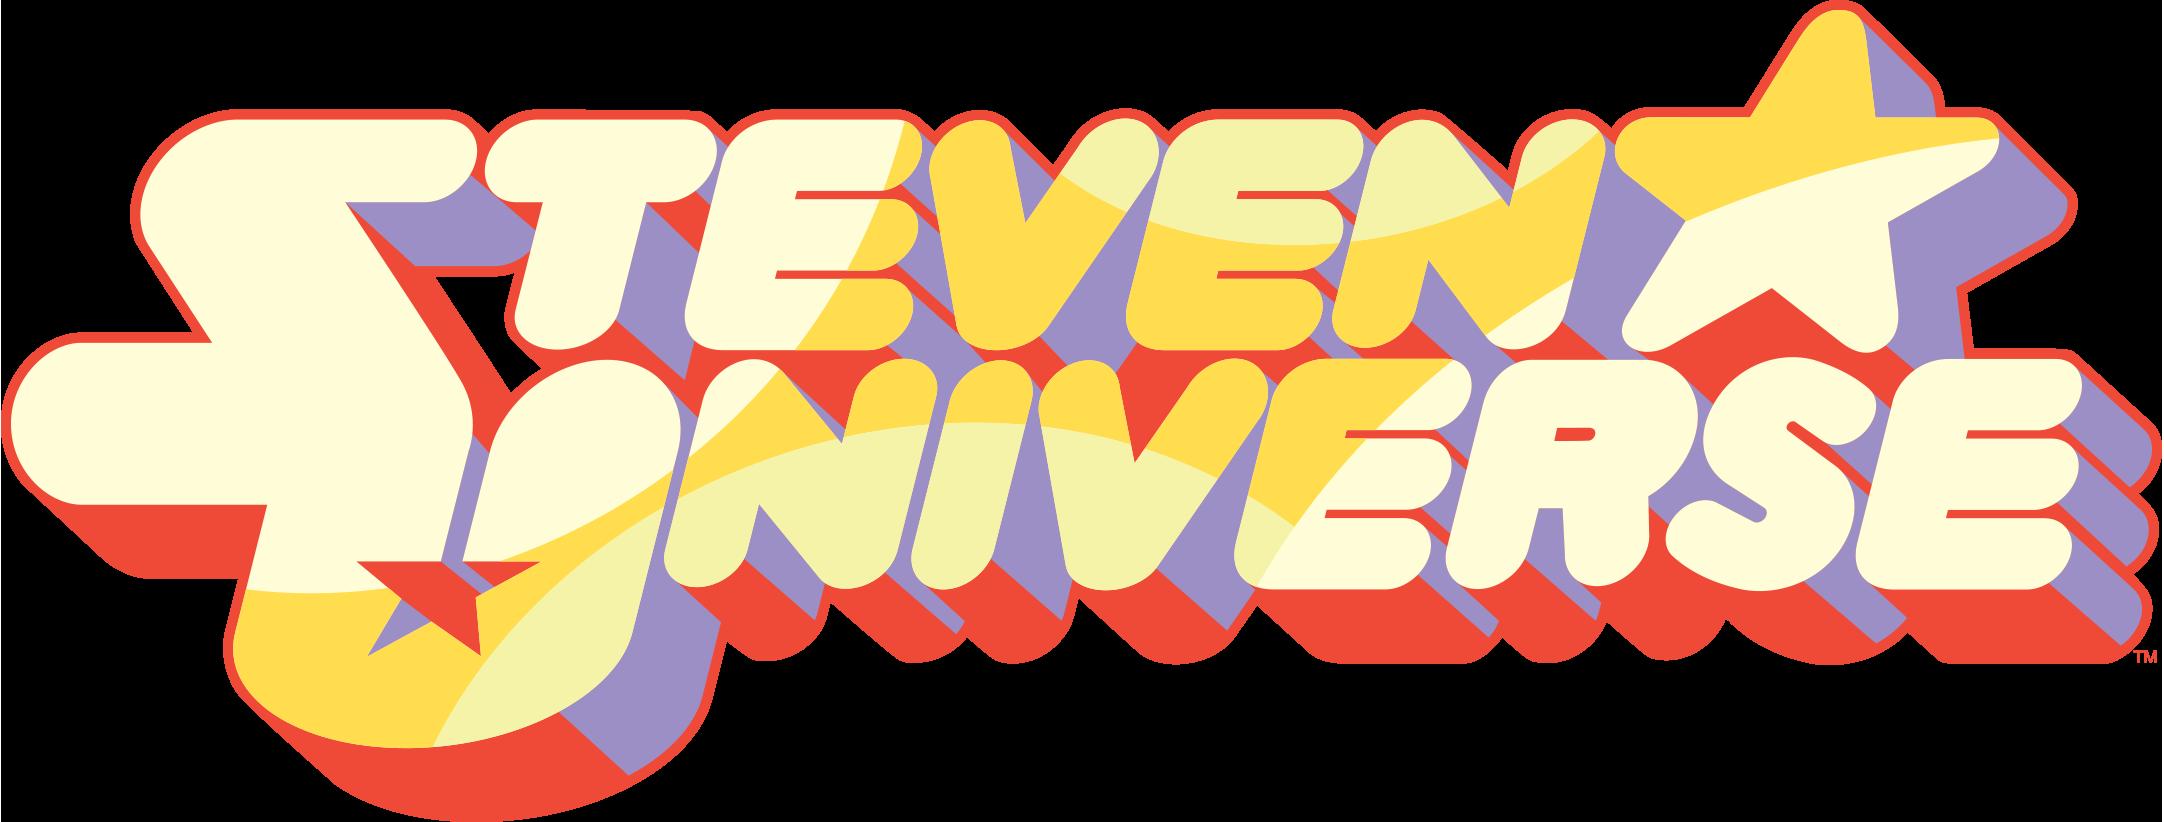 StevenUniverselogo-prsrm.png